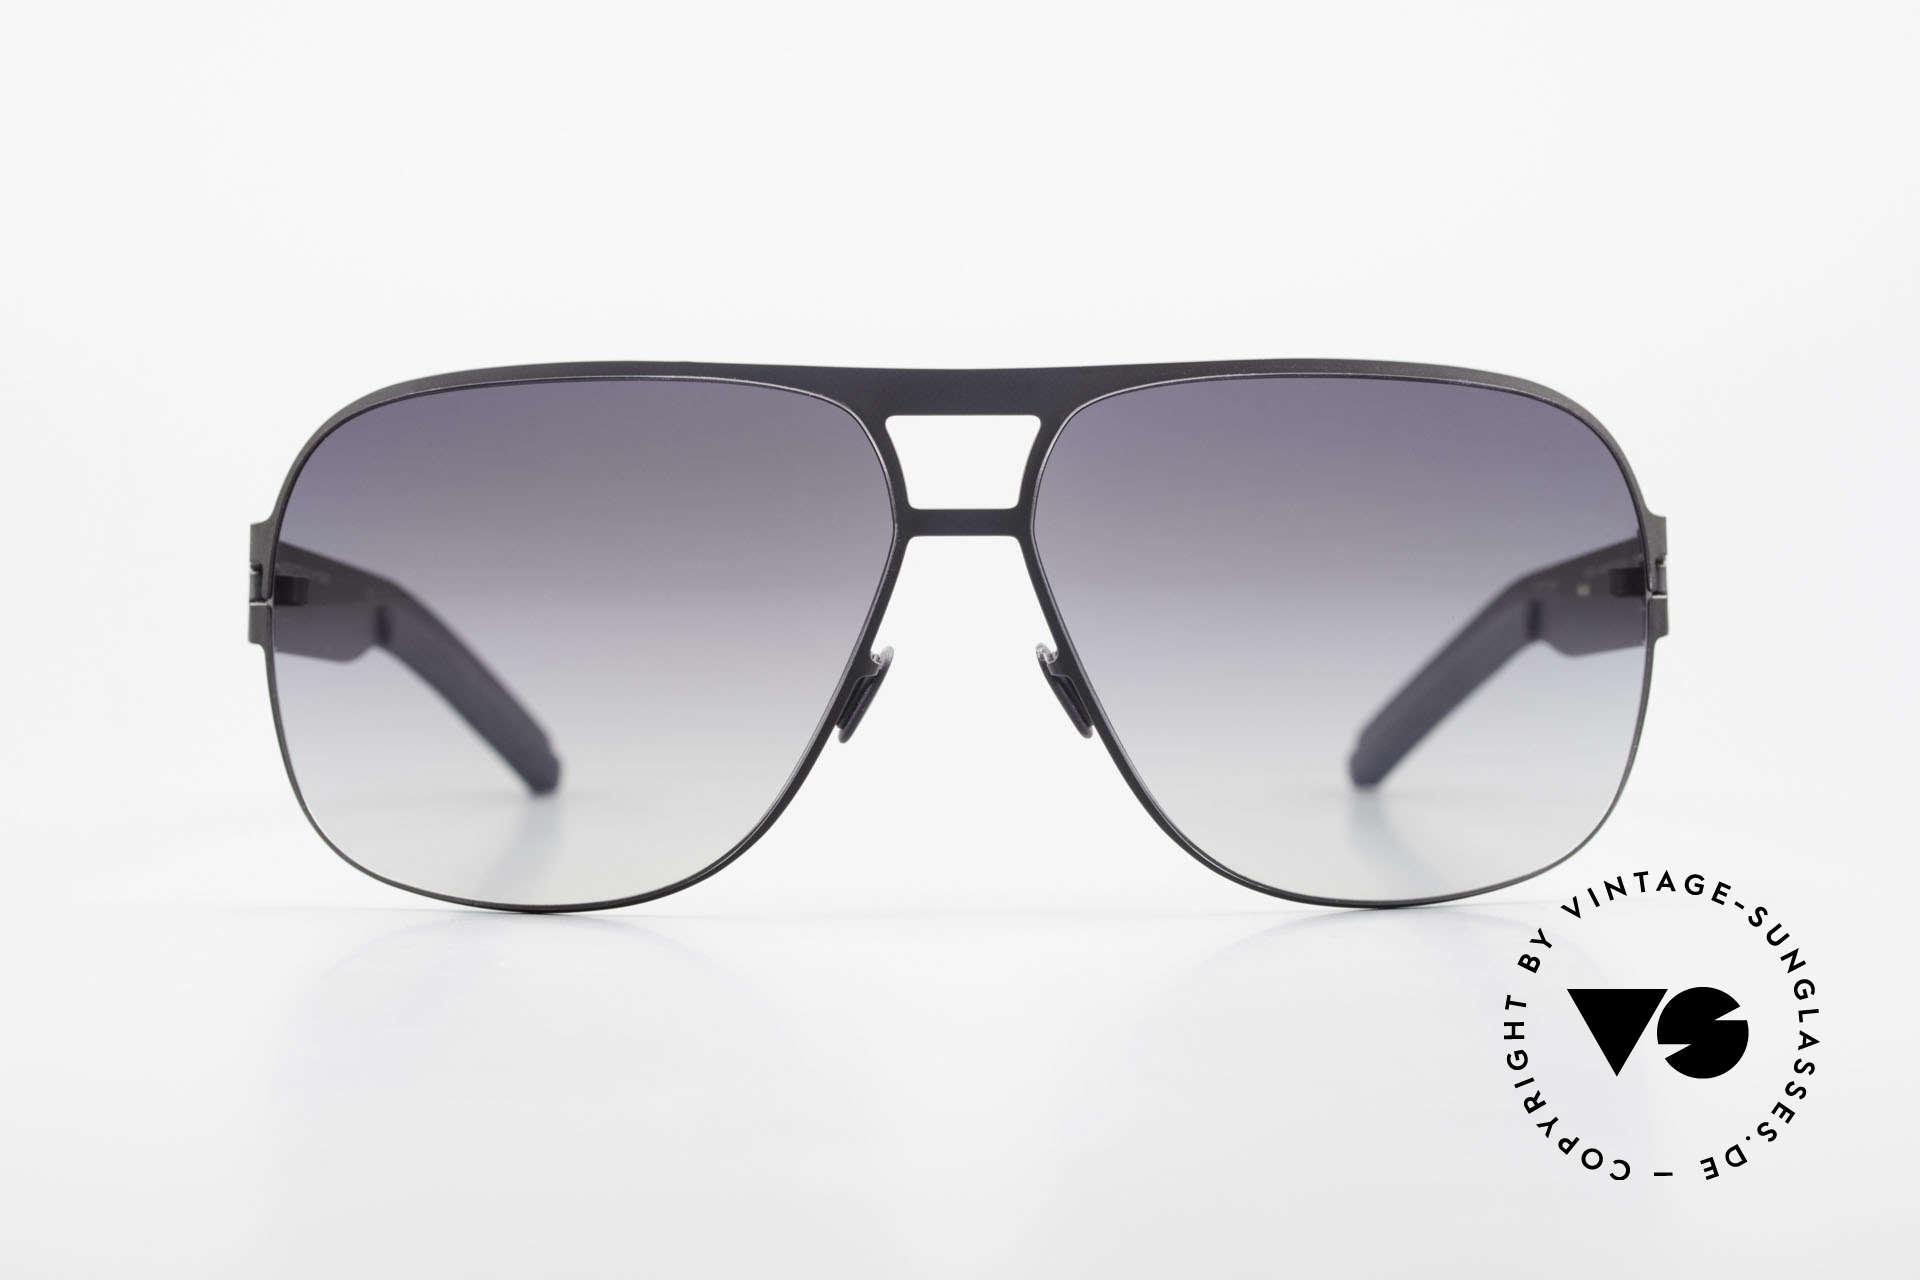 Mykita Clifford 2000er Vintage Sonnenbrille, Mykita: die jüngste Marke in unserem vintage Sortiment, Passend für Herren